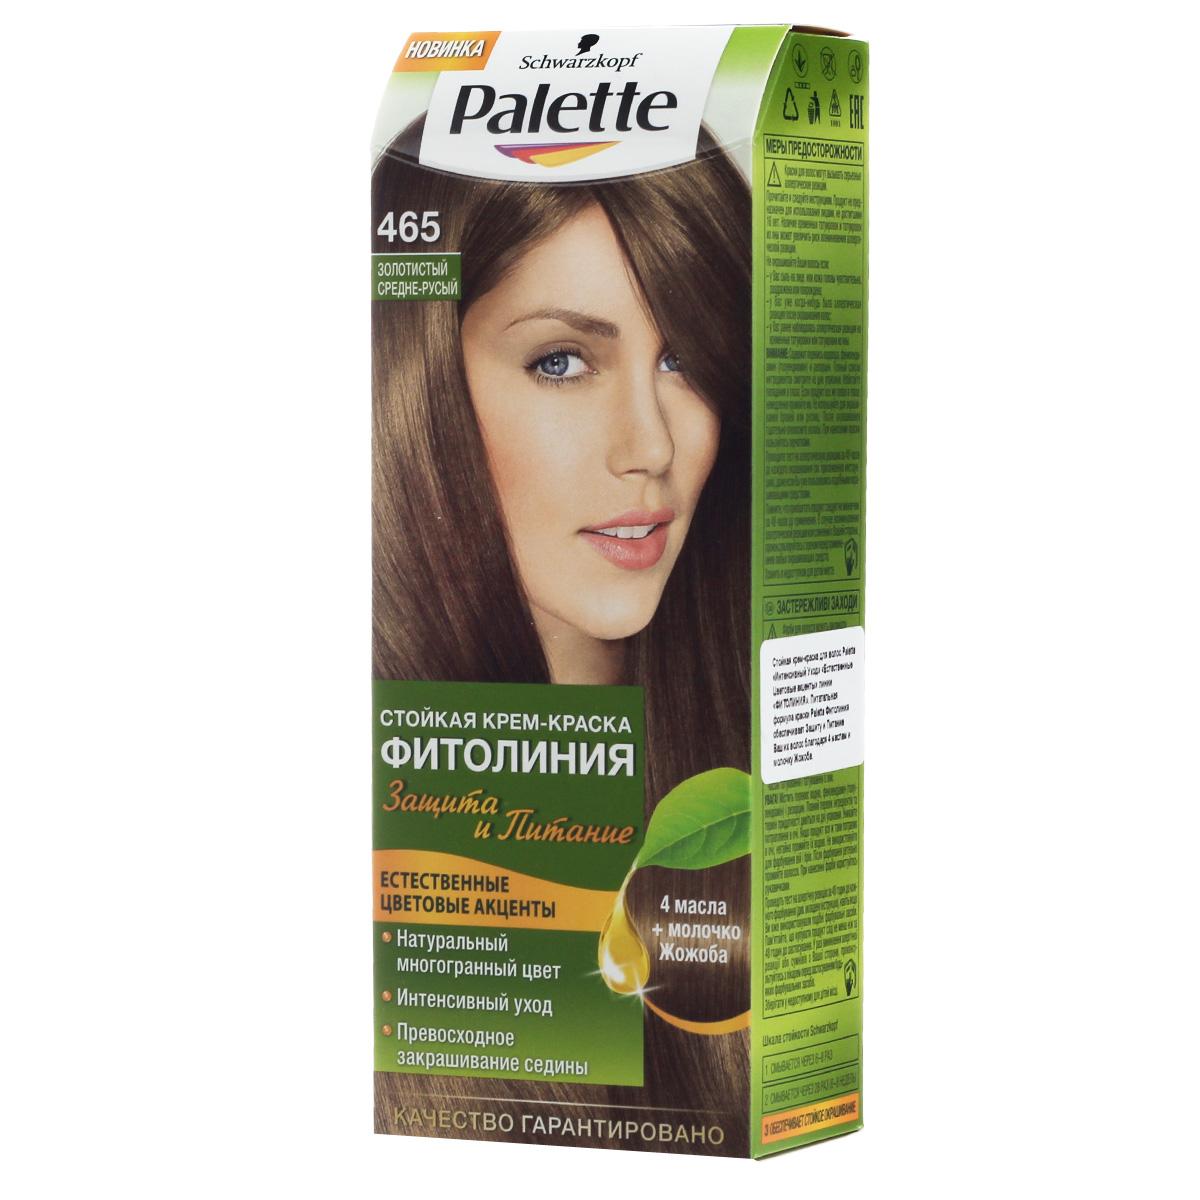 PALETTE Краска для волос ФИТОЛИНИЯ оттенок 465 Золотистый средне-русый, 110 мл9352542Откройте для себя больше ухода для более интенсивного цвета: новая питающая крем-краска Palette Фитолиния, обогащенная 4 маслами и молочком Жожоба. Насладитесь невероятно мягкими и сияющими волосами, полными естественного сияния цвета и стойкой интенсивности. Питательная формула обеспечивает надежную защиту во время и после окрашивания и поразительно глубокий уход. А интенсивные красящие пигменты отвечают за насыщенный и стойкий результат на ваших волосах.Побалуйте себя широким выбором натуральных оттенков, ведь палитра Palette Фитолиния предлагает оригинальную подборку оттенков для создания естественных цветовых акцентов и глубокого многогранного цвета.